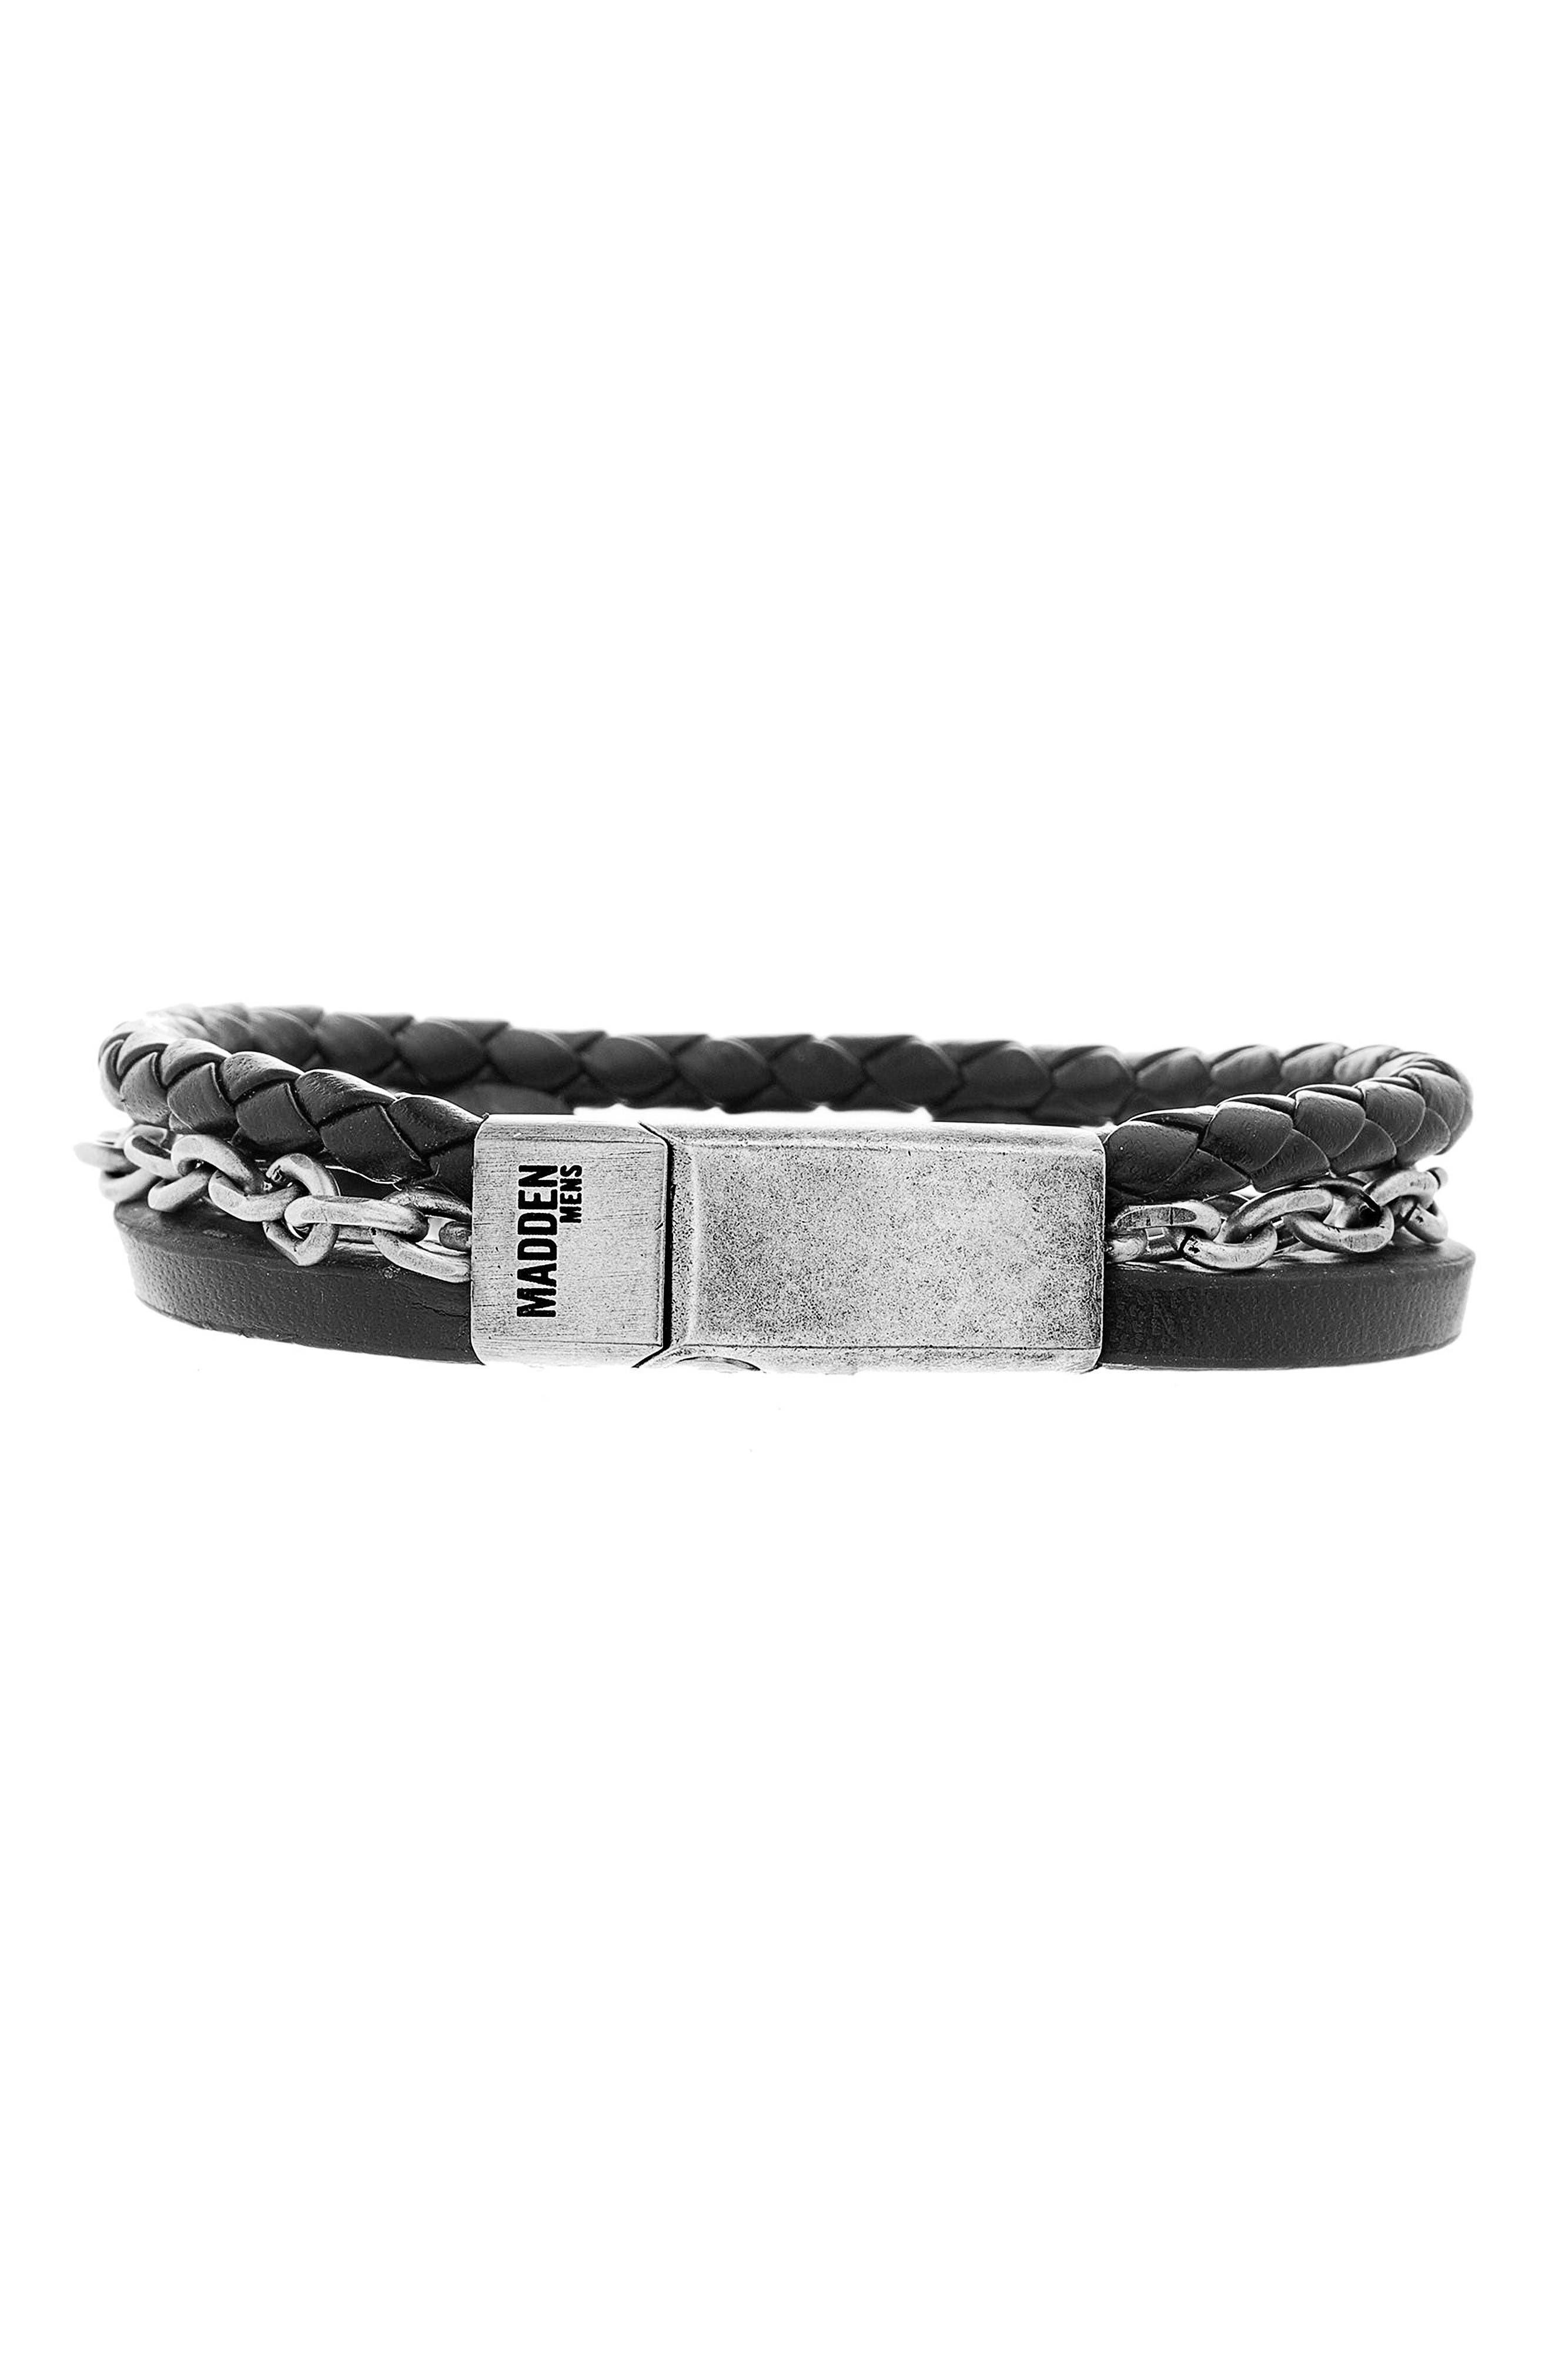 Steve Madden Braided Leather Chain Bracelet